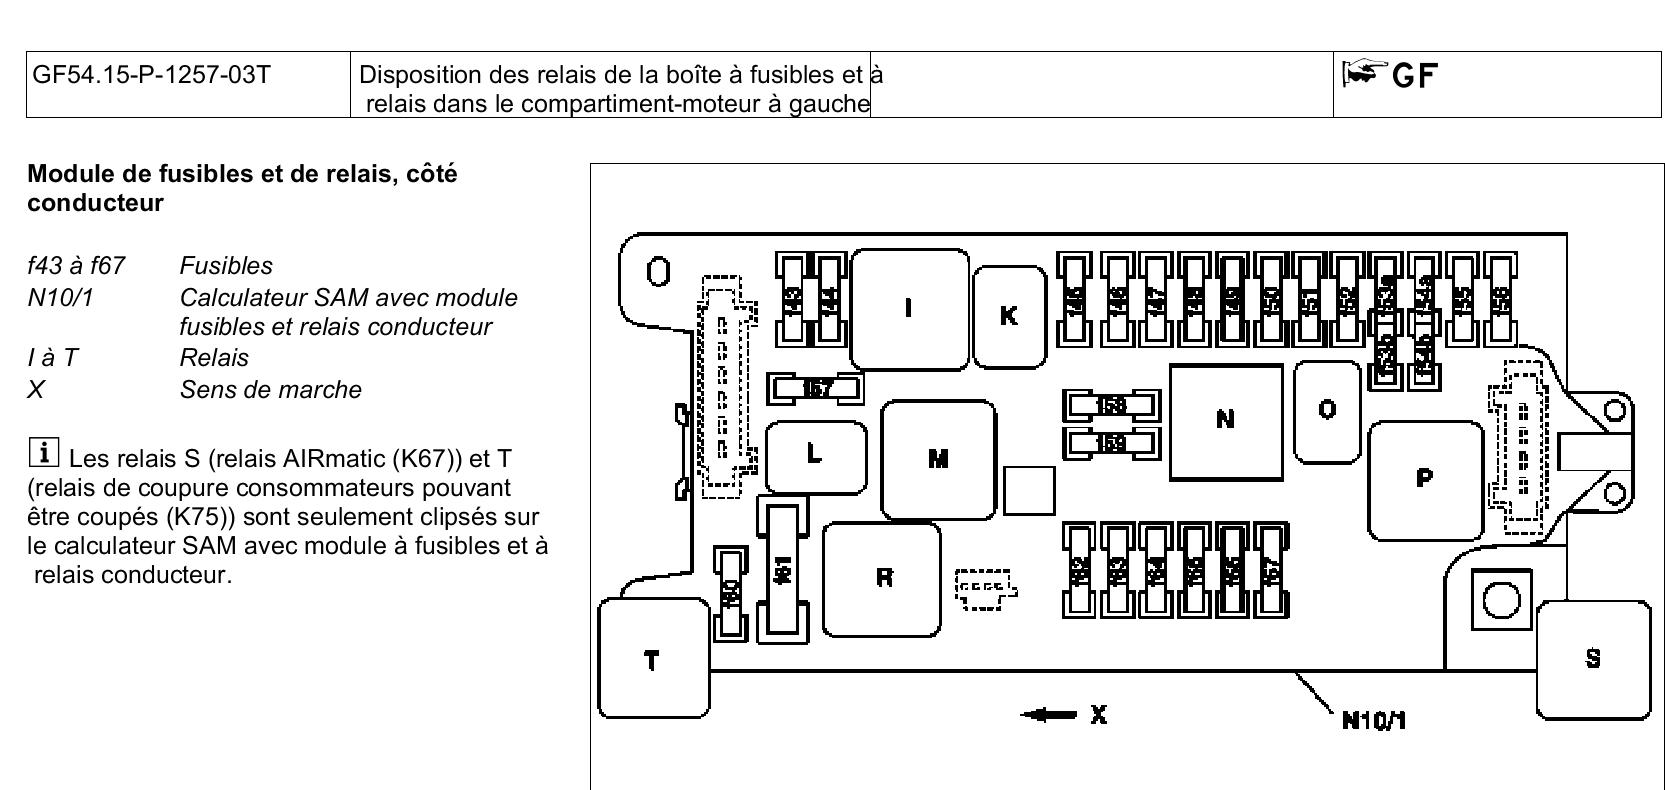 probl me suspension avant classe e w211 ann e 2005 page 1 classe e w211 forum. Black Bedroom Furniture Sets. Home Design Ideas